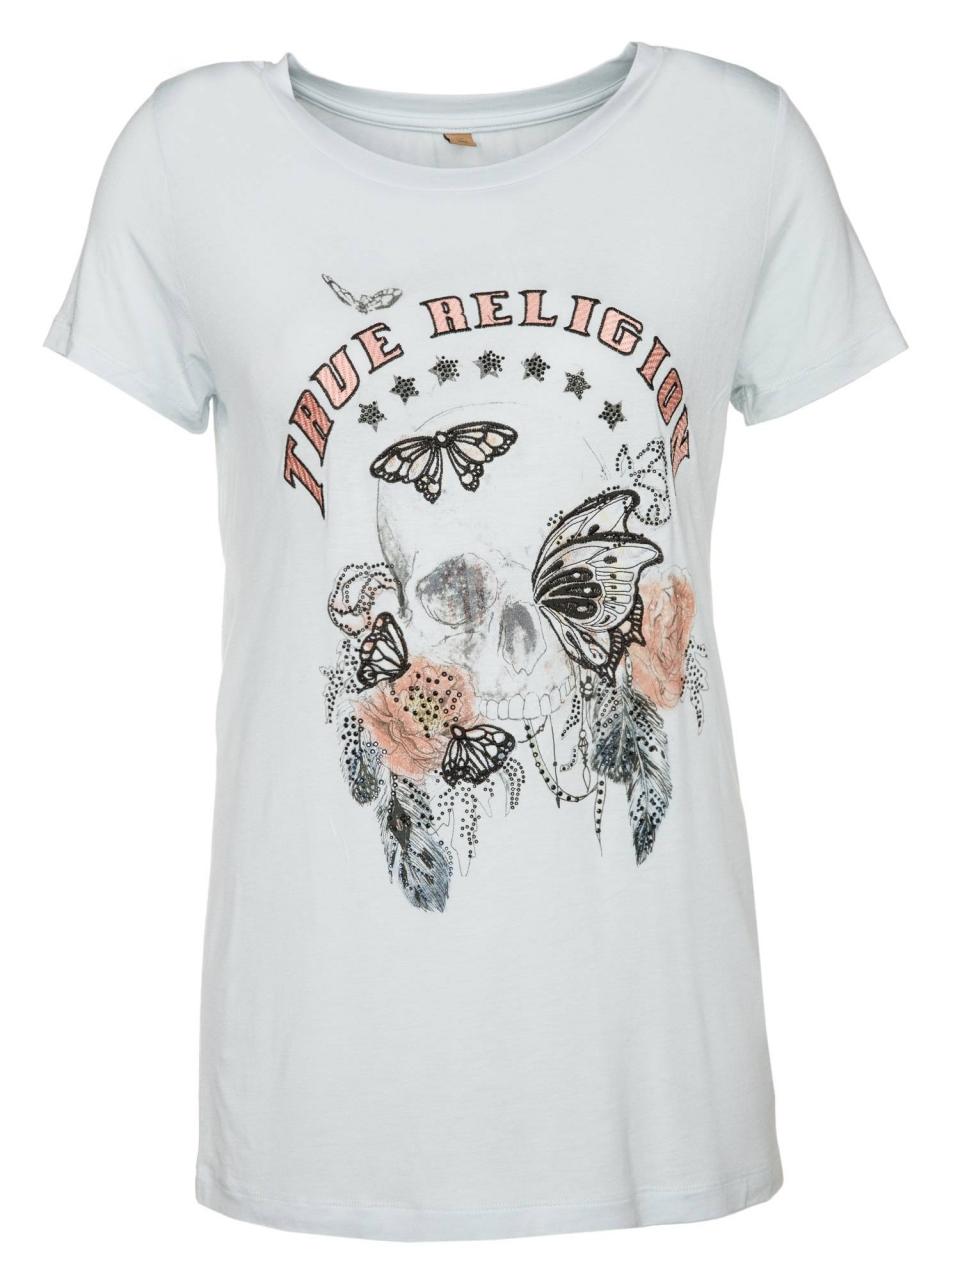 True Religion T-Shirt Butterfly Skull